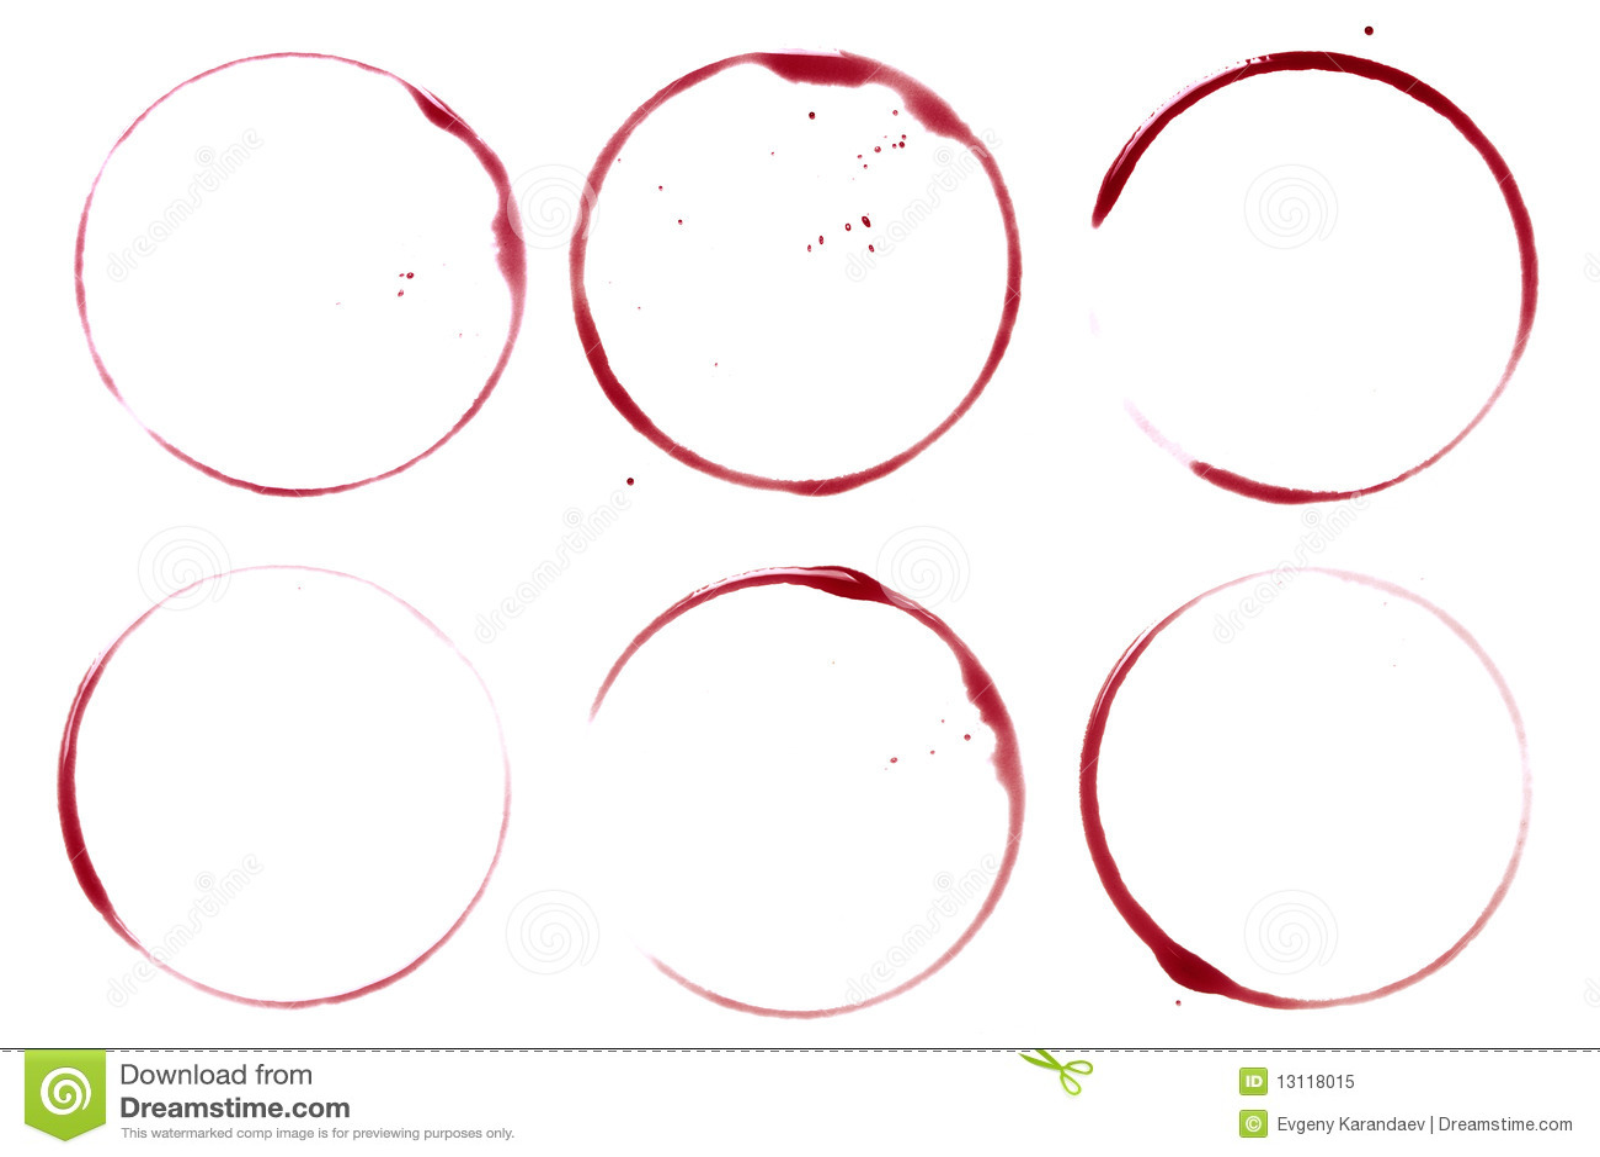 Manchas de xido y puntos del vino foto de archivo libre - Manchas de vino ...